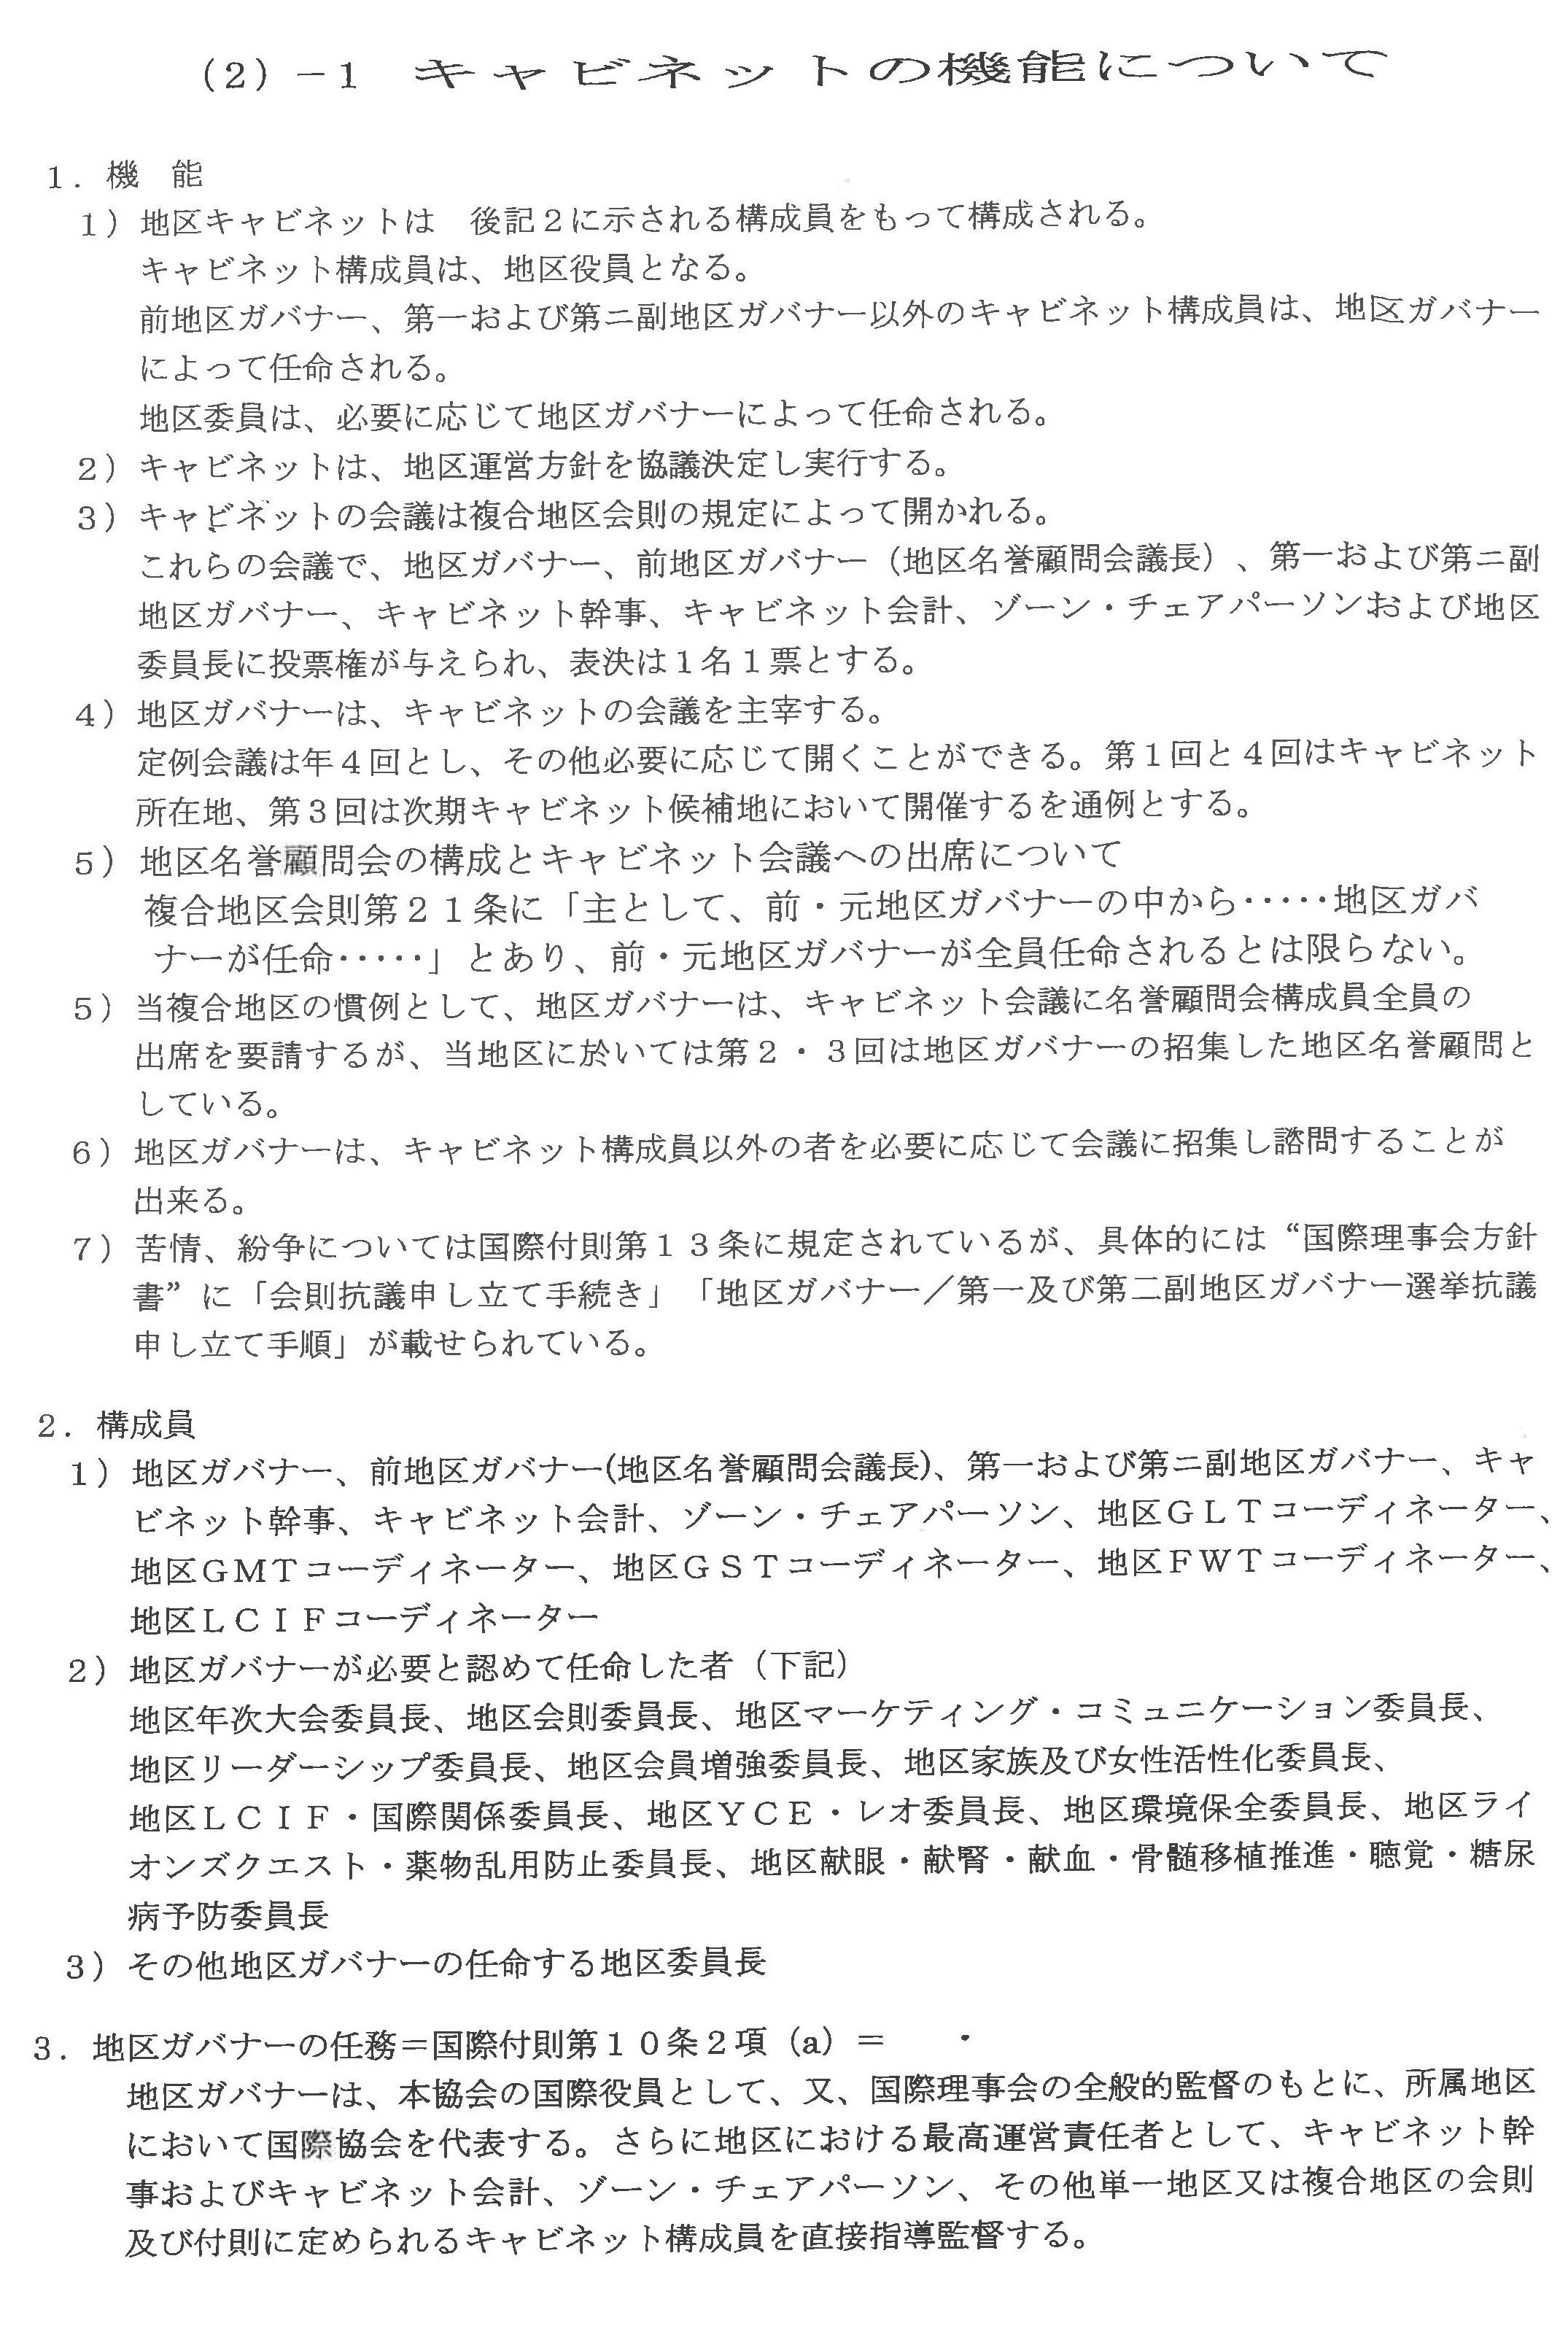 21第1回G諮問委員会Z会議 今年度の地区運営方針(案)1